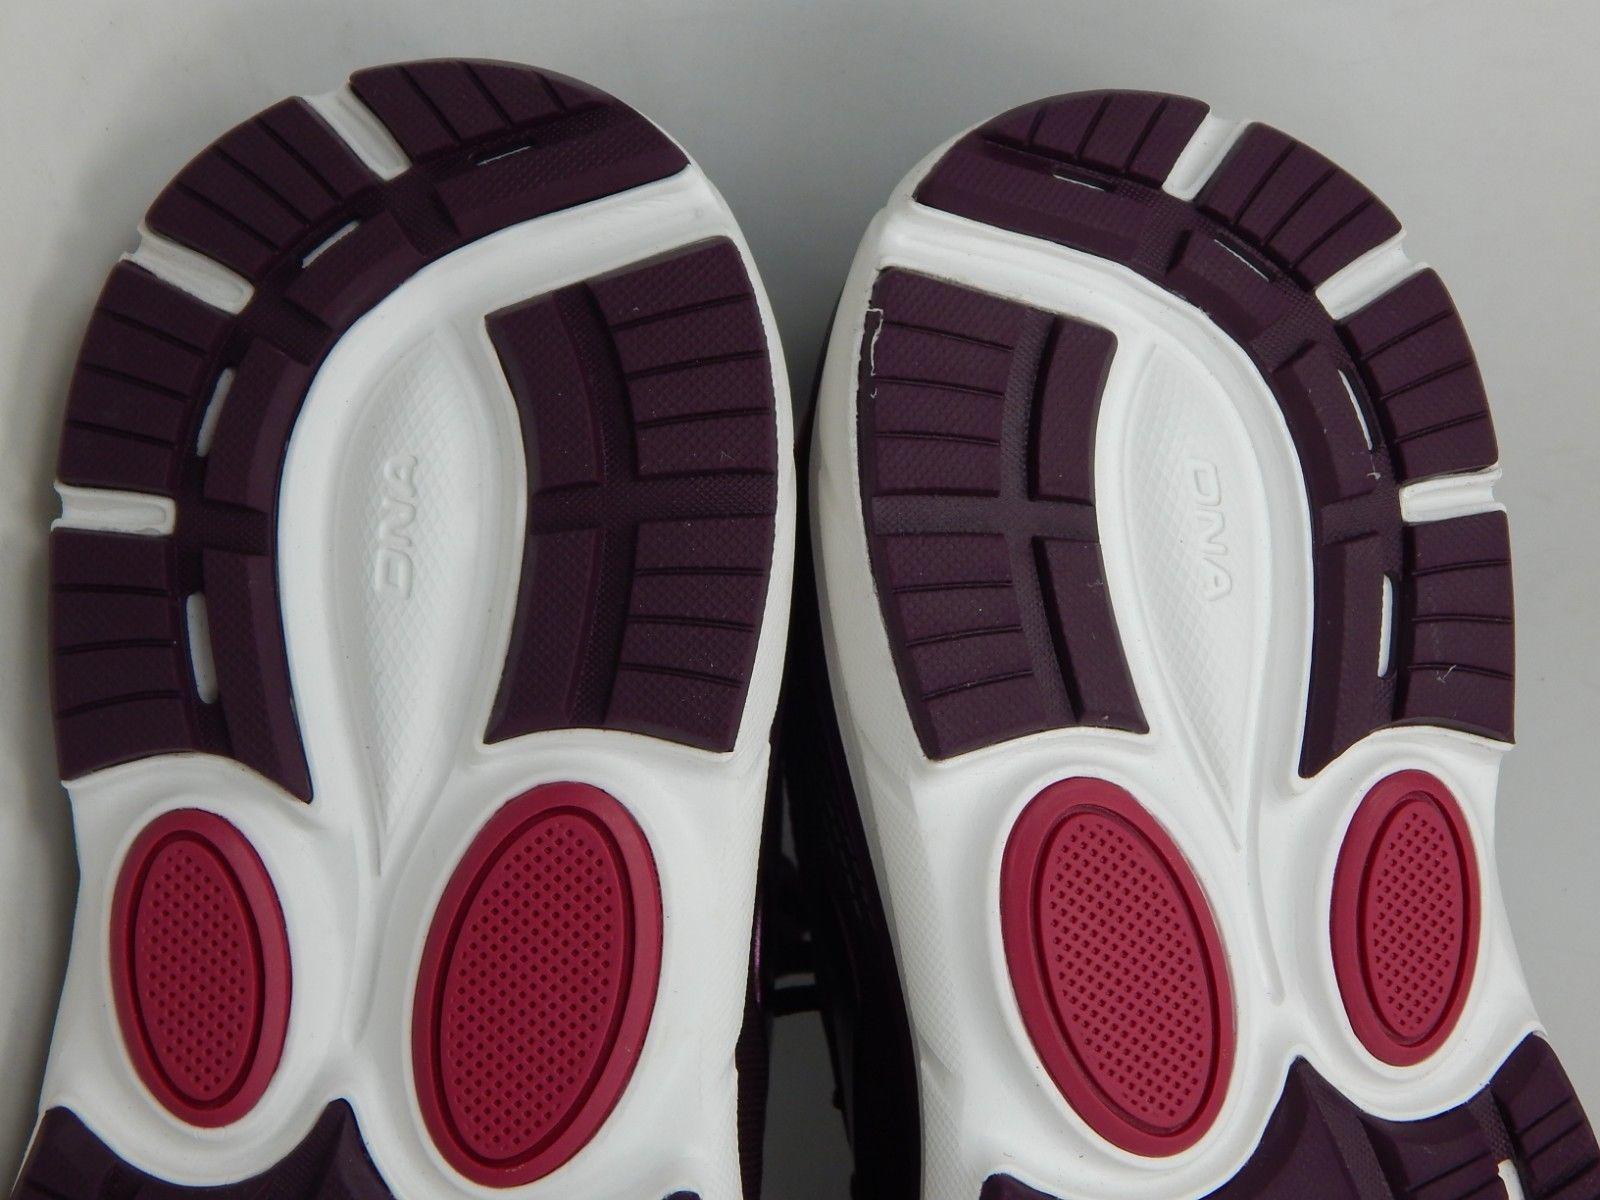 MISMATCH Brooks Dyad 10 Size 9.5 D WIDE Left & 8.5 D WIDE Right Women's Shoes